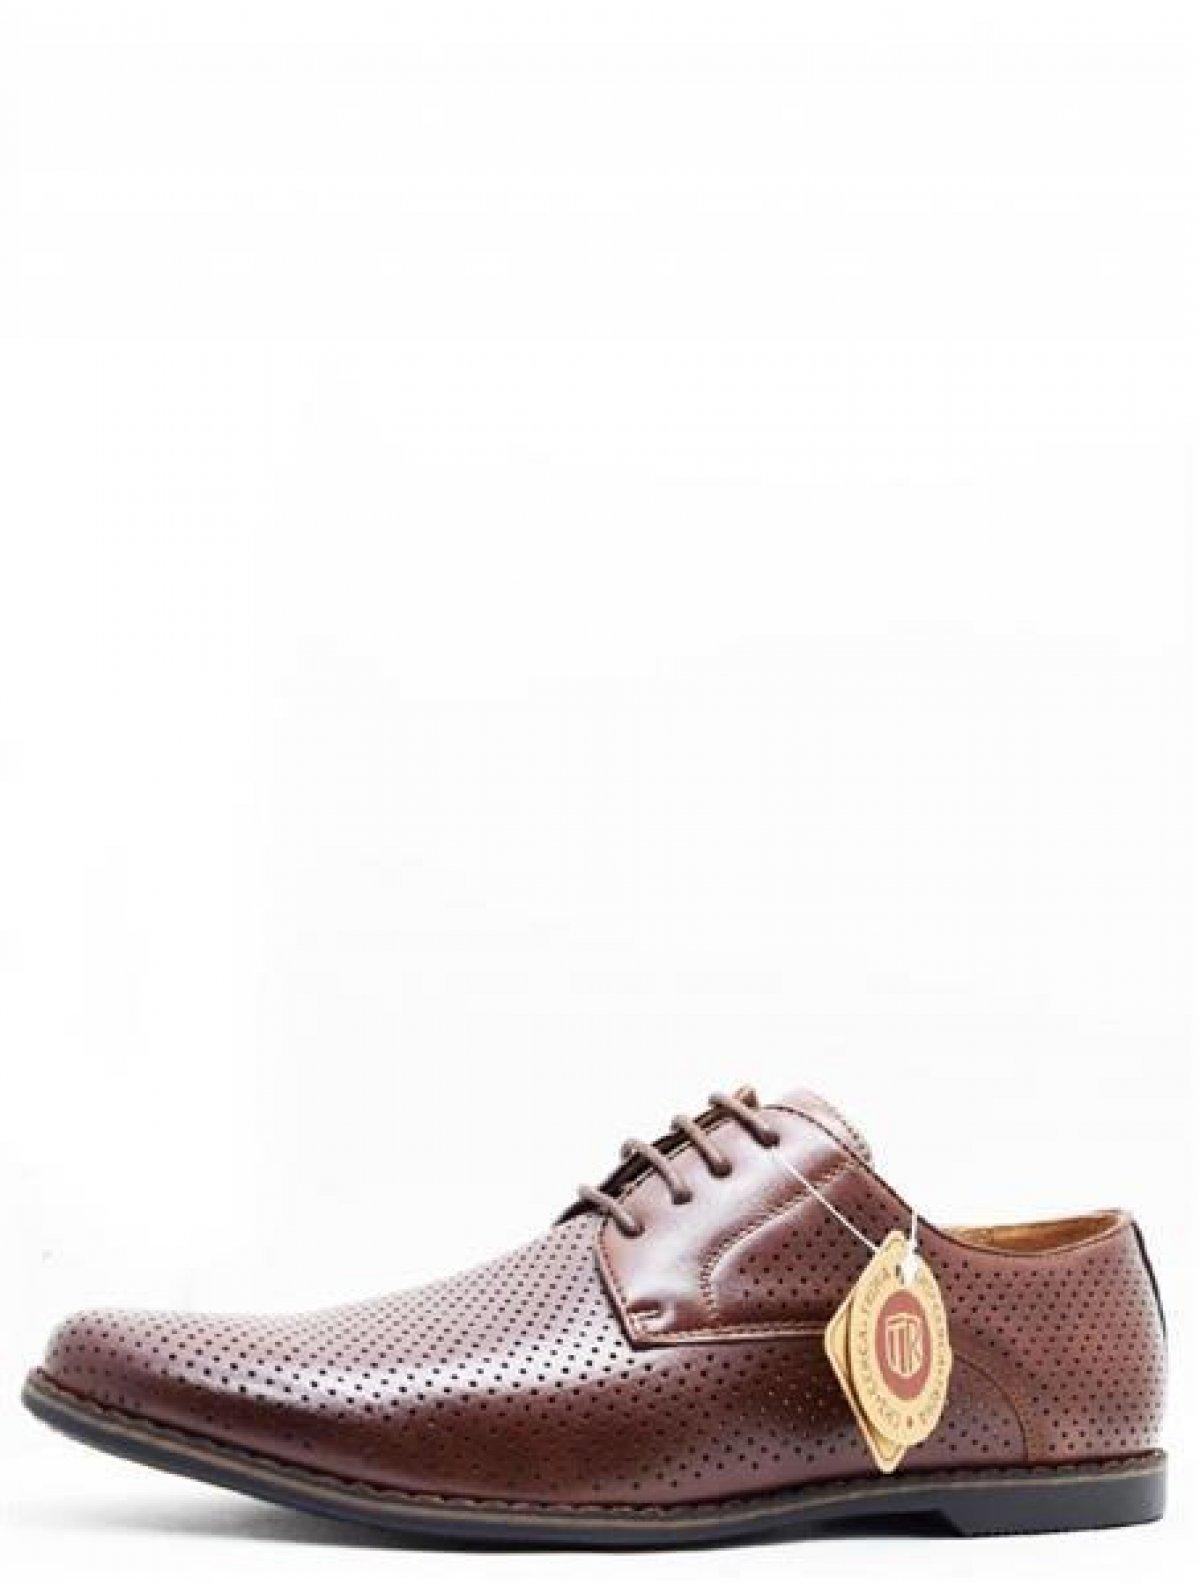 167012/01-02 мужские туфли